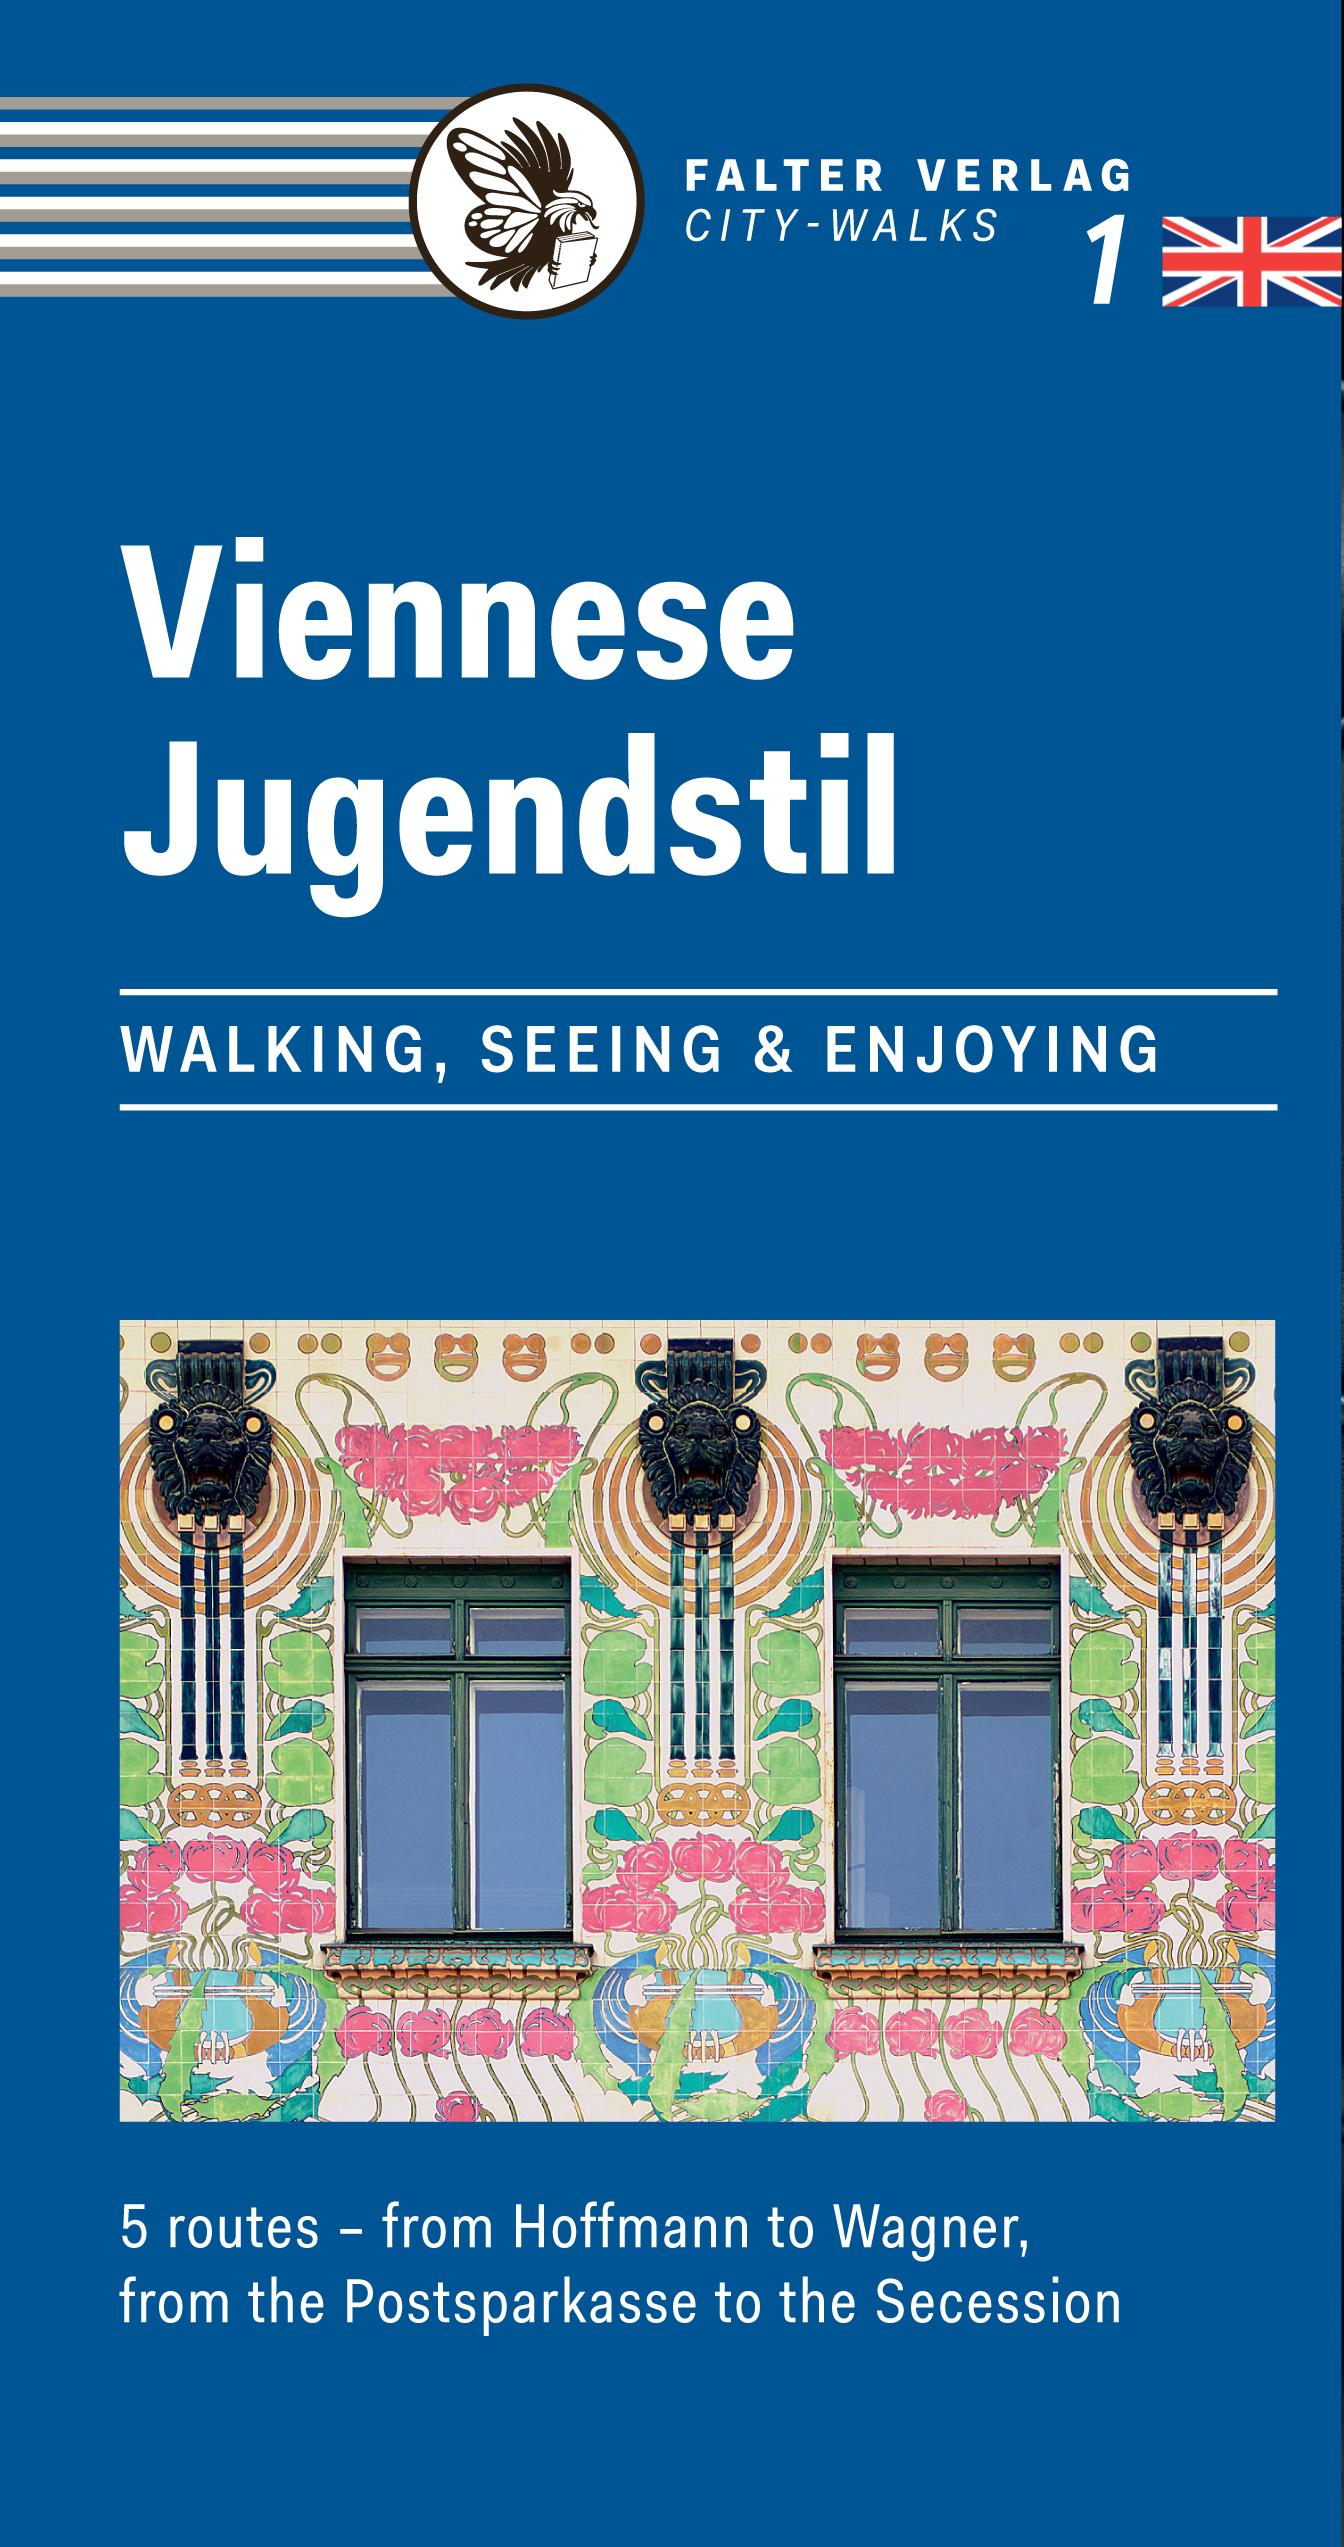 Viennese Jugendstil